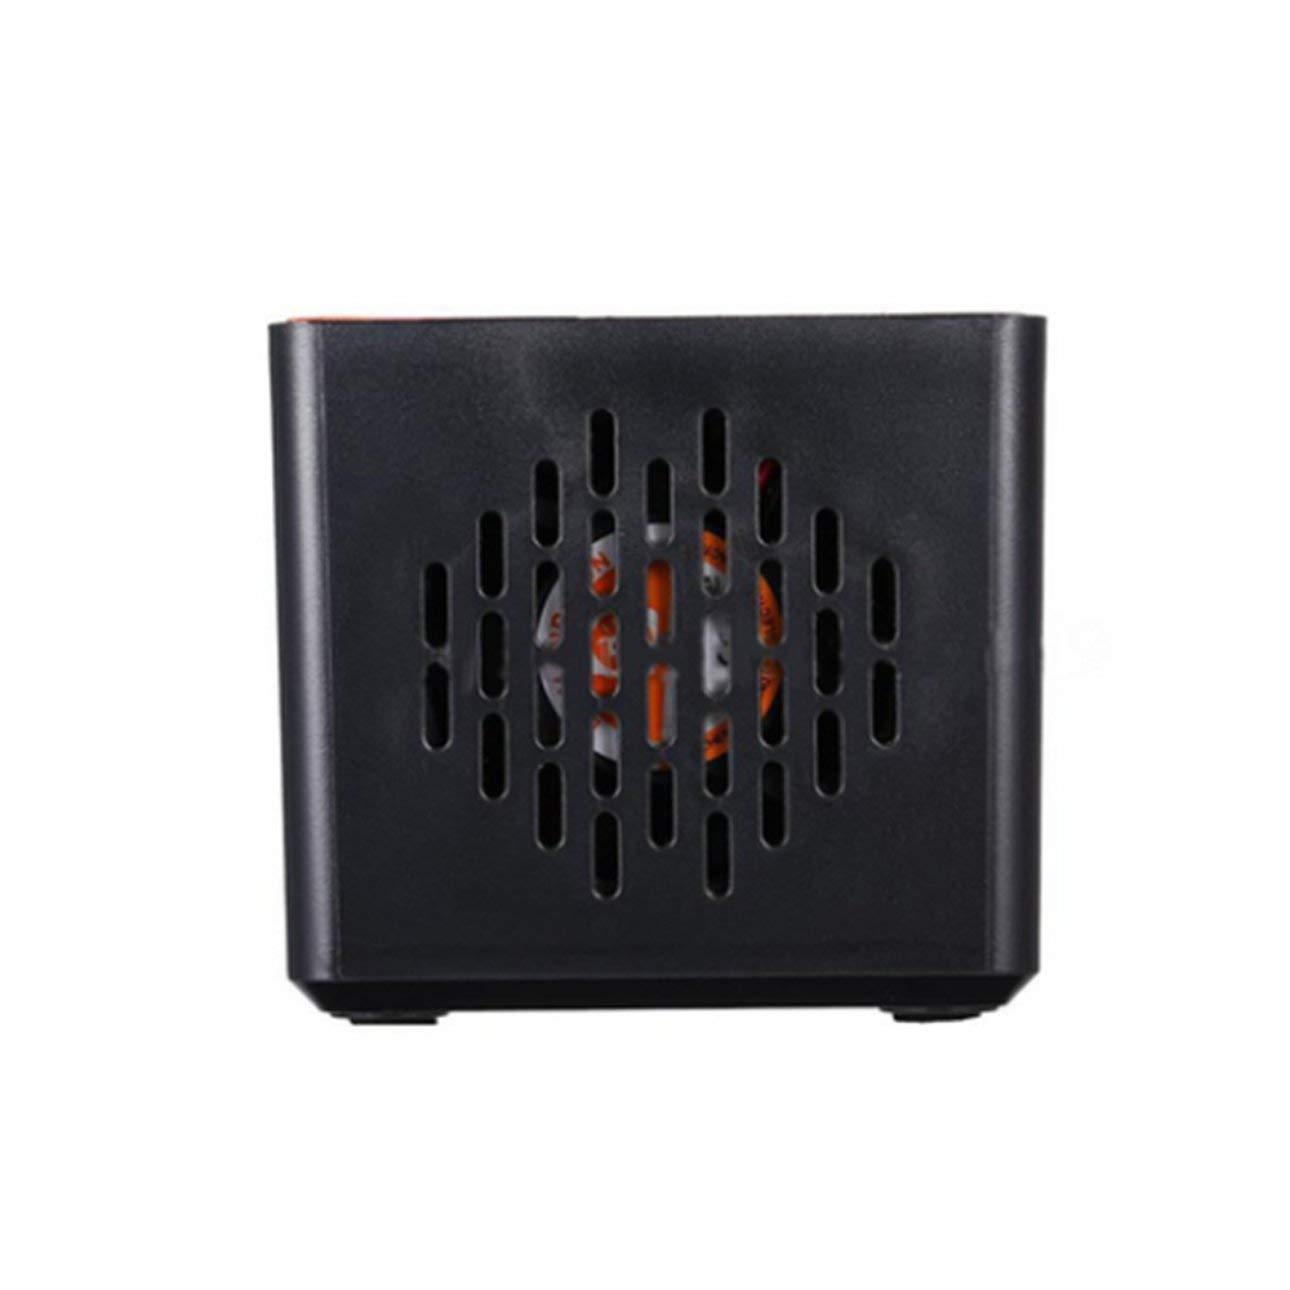 Pudincoco Portable 20 Puertos USB HUB Tel/éfono Estaci/ón de Carga Inteligente Adaptador de Cargador de Pared 100W con luz indicadora LED